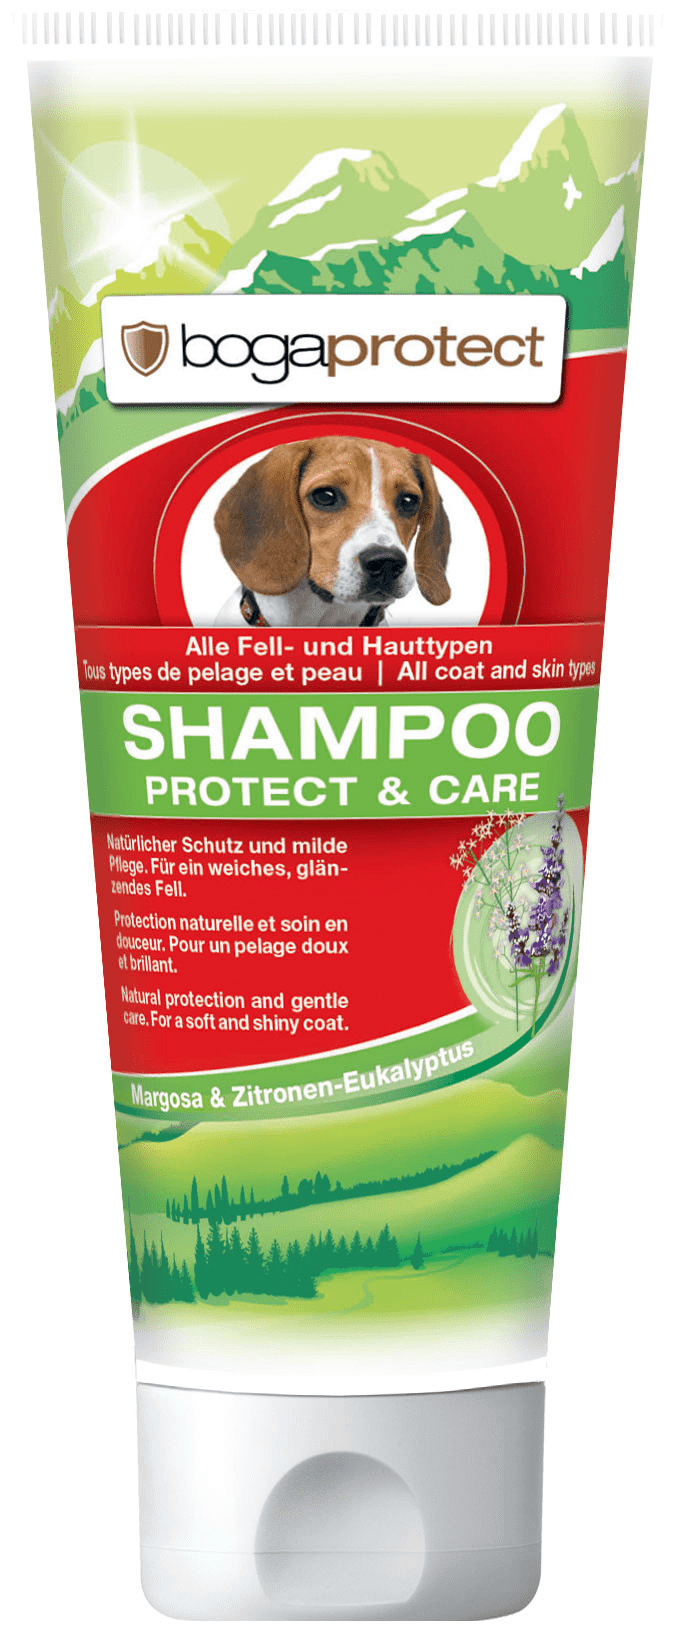 Bogaprotect Shampoo Protect & Care 200ml